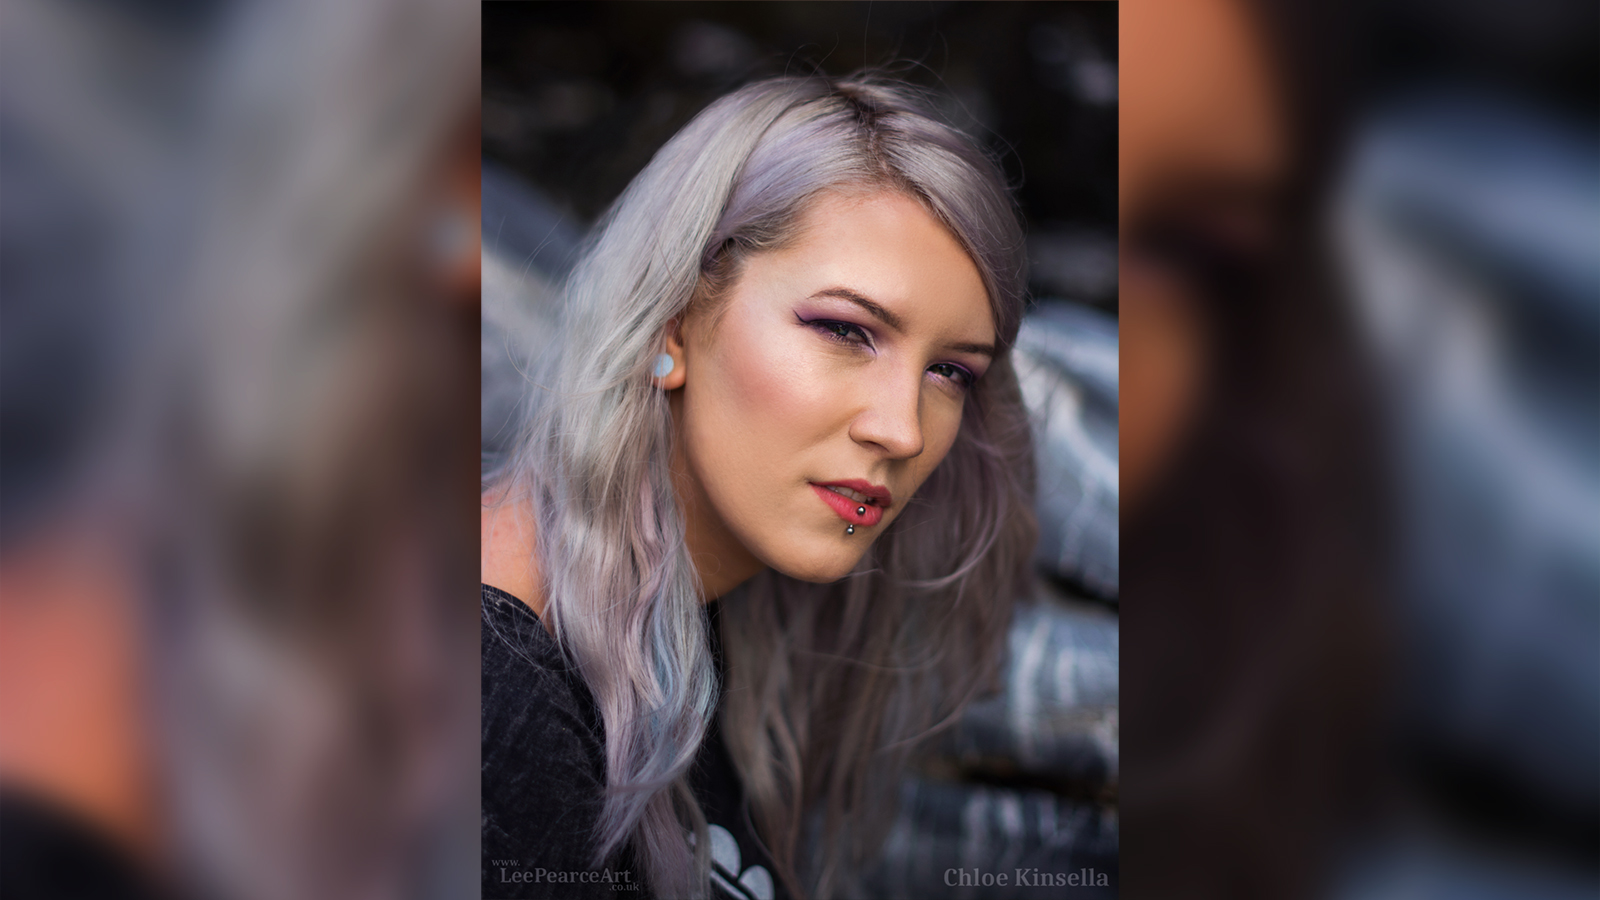 ChloeK13